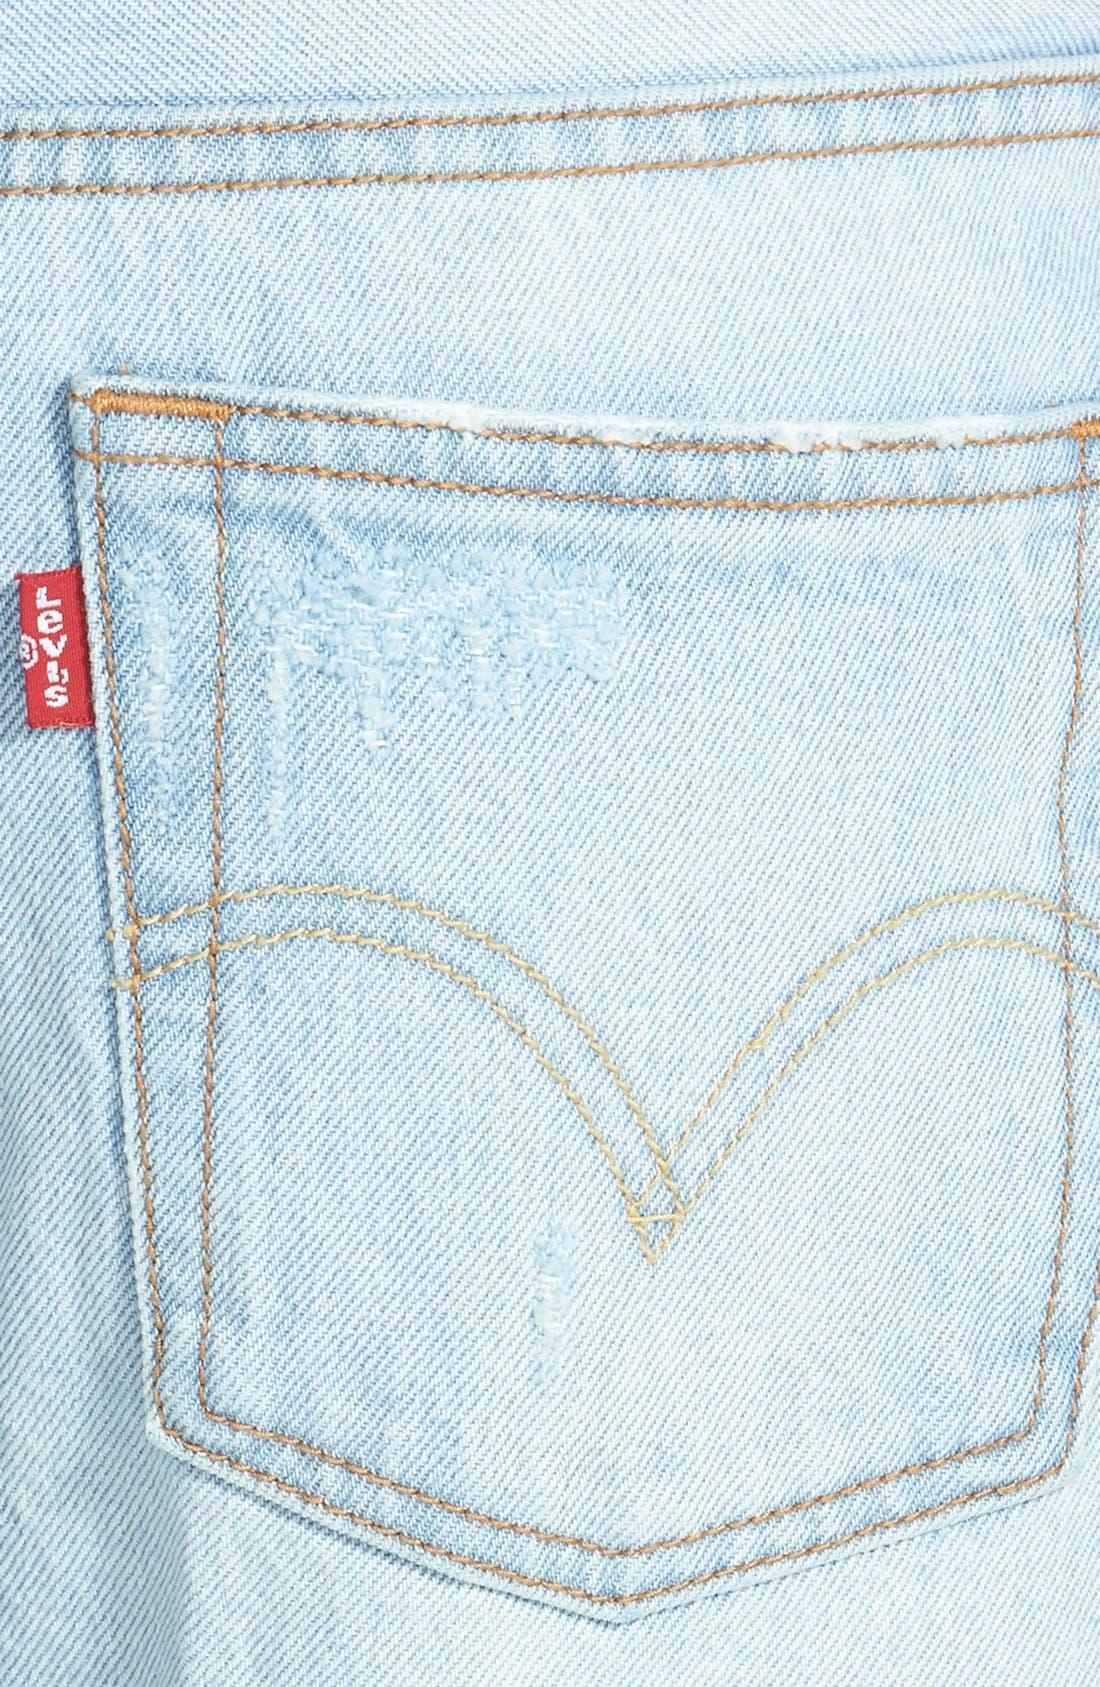 LEVI'S<SUP>®</SUP>, Levi's '501<sup>®</sup> CT' Boyfriend Jeans, Alternate thumbnail 2, color, 400